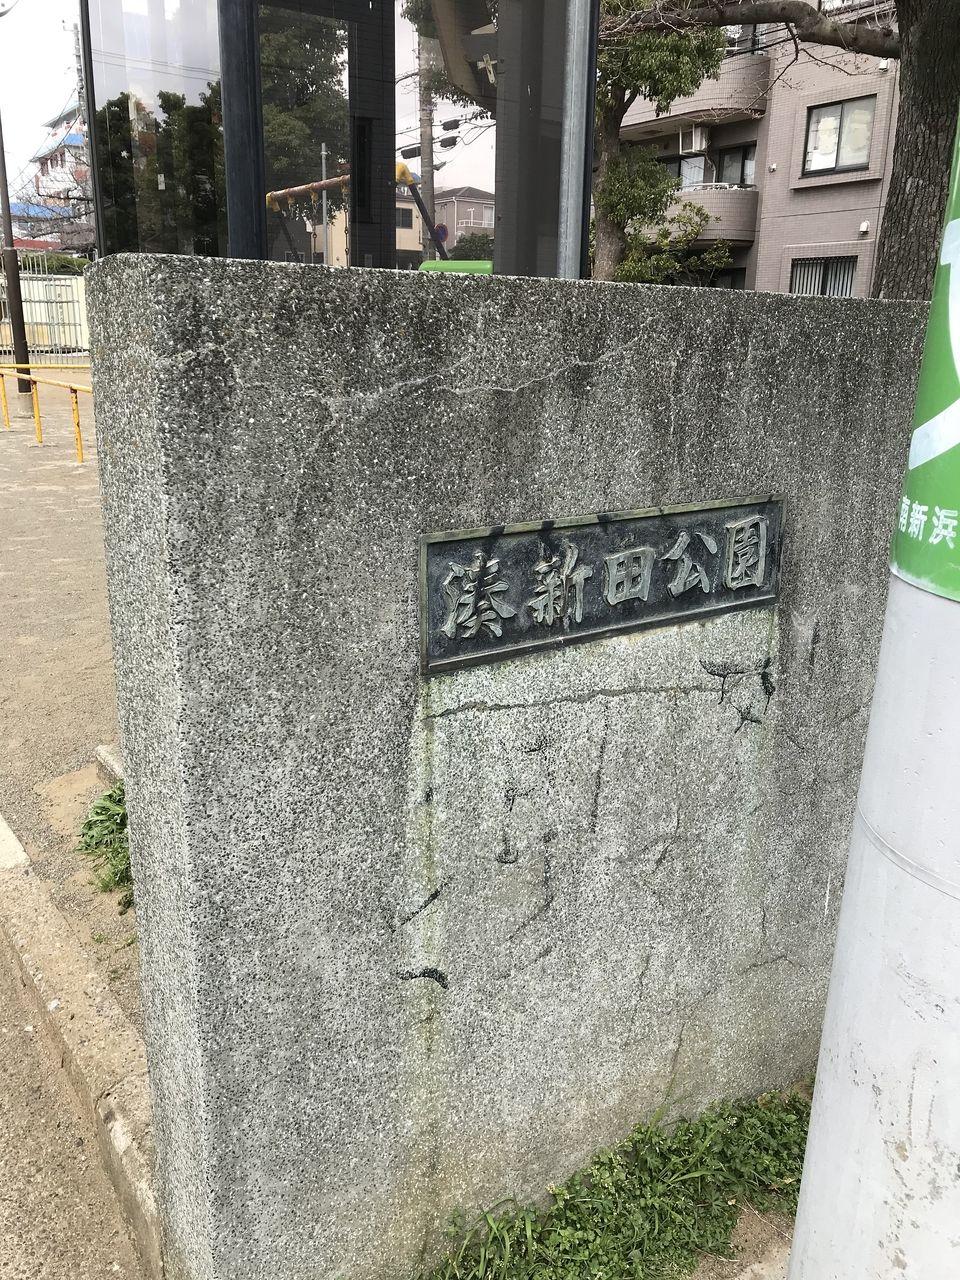 南行徳の湊新田公園の銘板